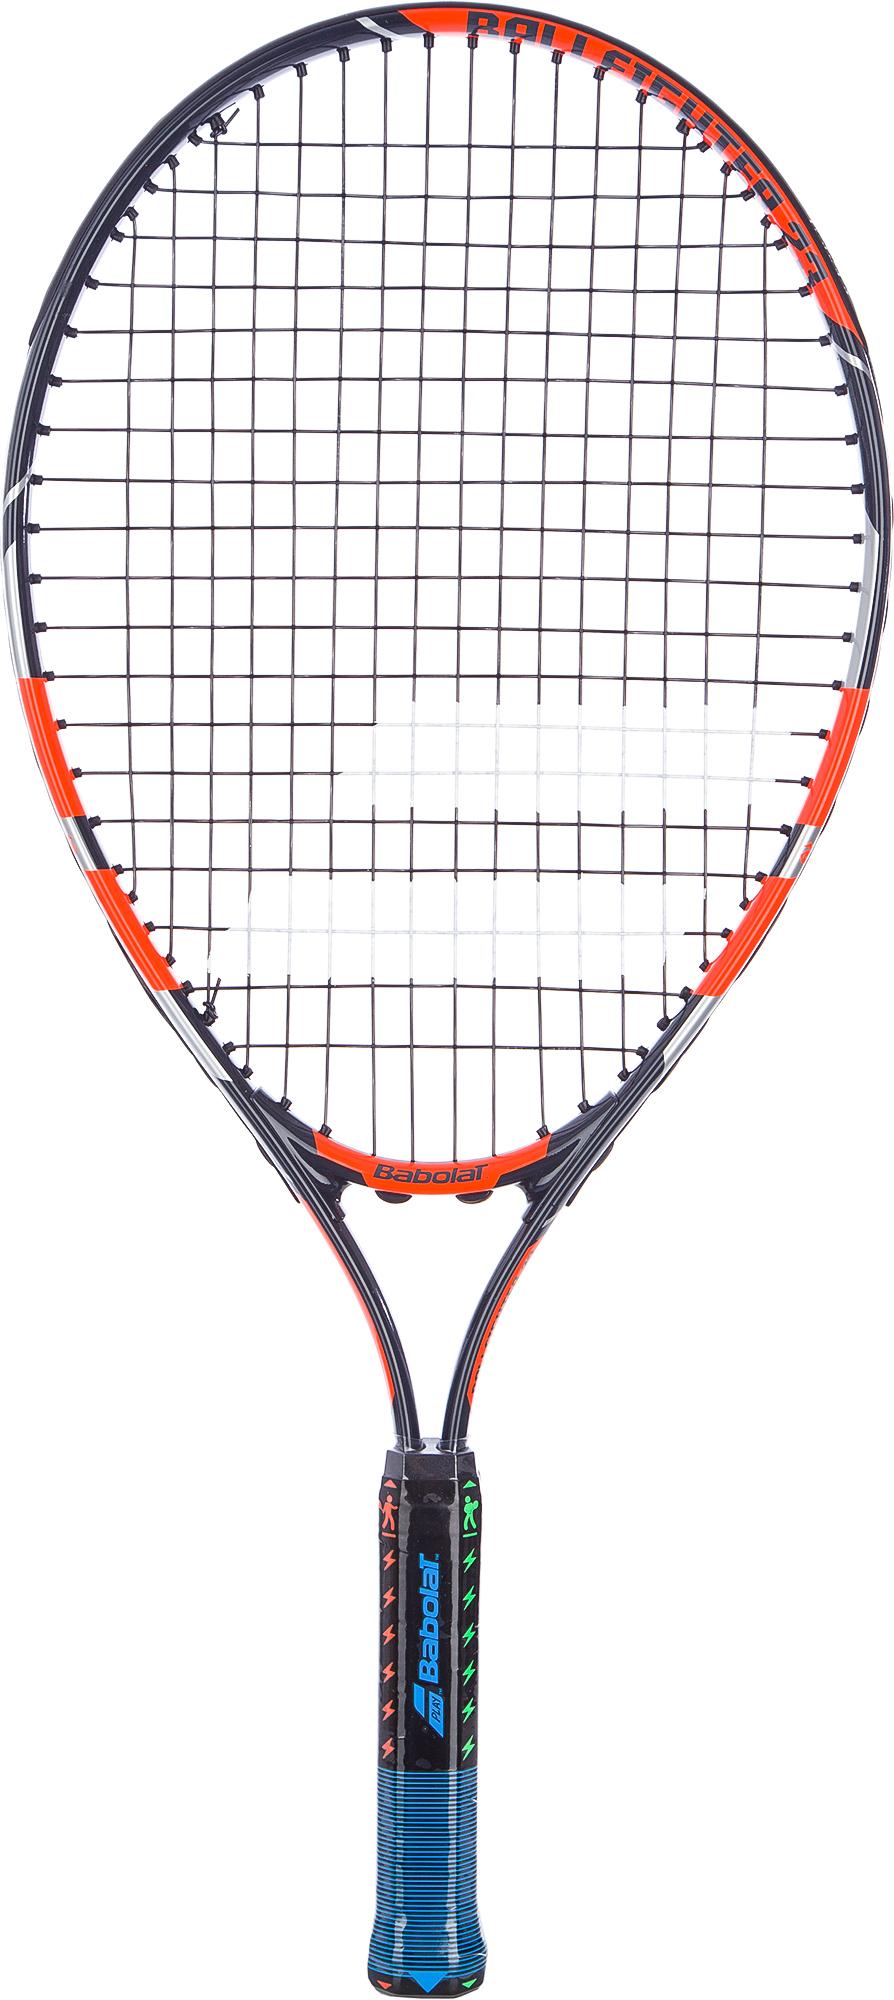 Babolat Ракетка для большого тенниса детская Babolat BALLFIGHTER 23 babolat ракетка для большого тенниса детская babolat ballfighter 23